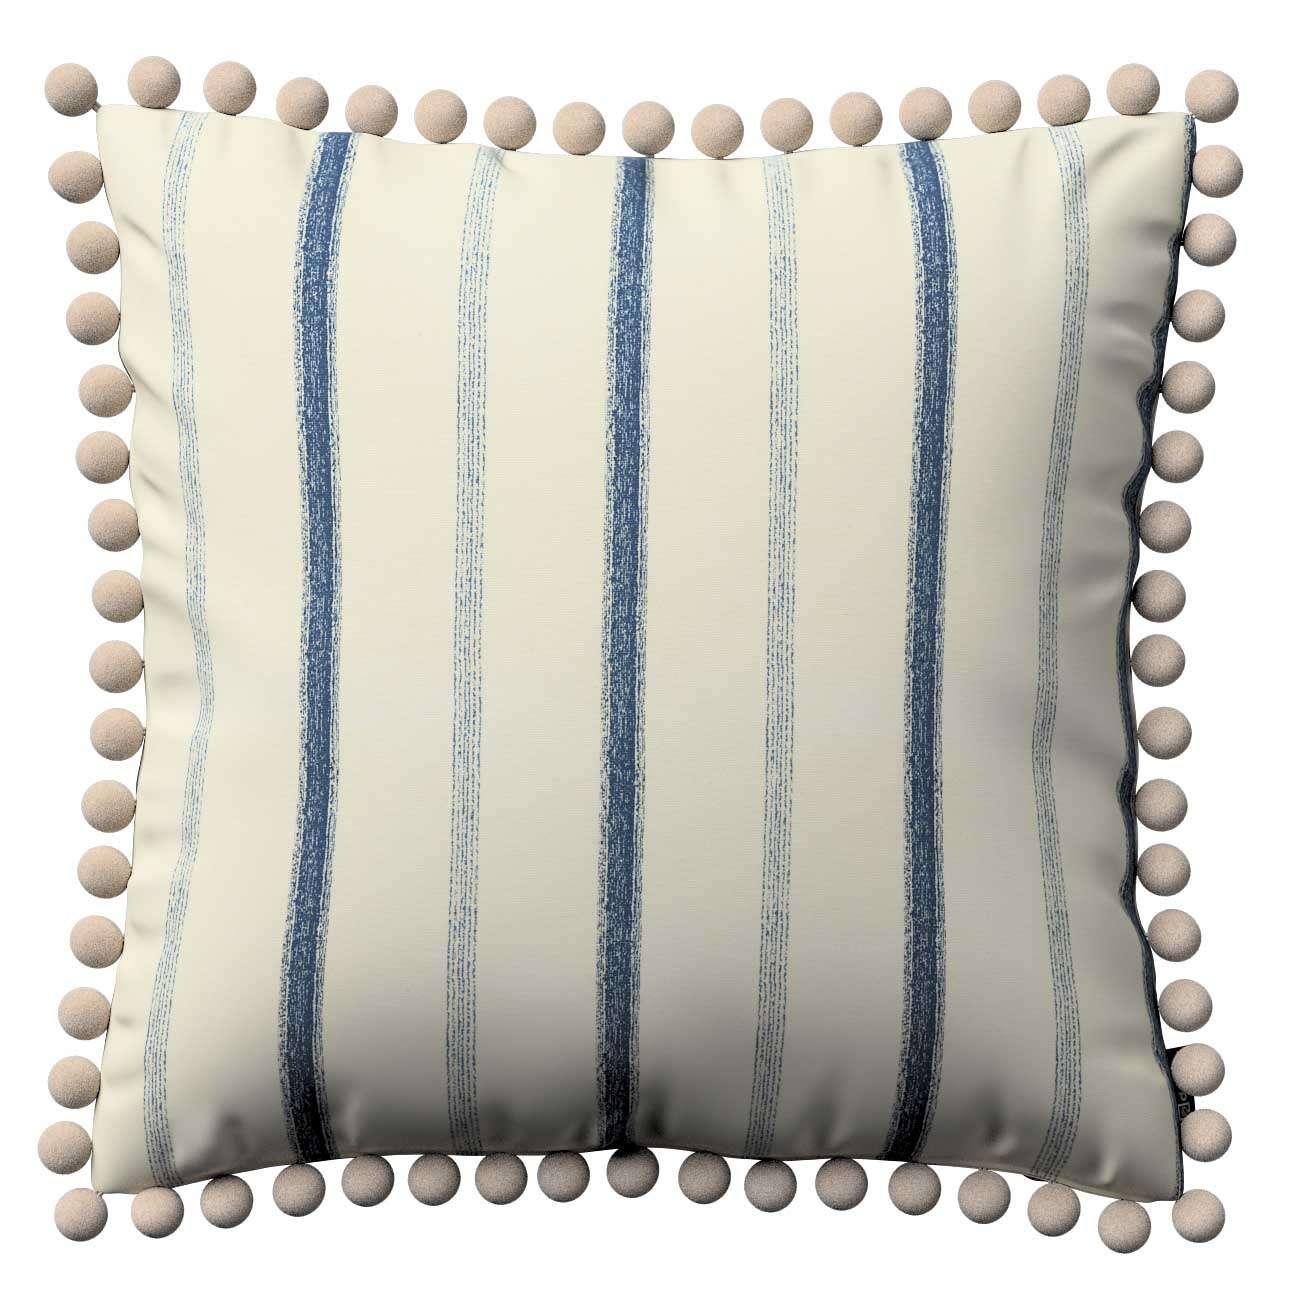 Wera dekoratyvinės pagalvėlės su žaismingais kraštais 45 x 45 cm kolekcijoje Avinon, audinys: 129-66